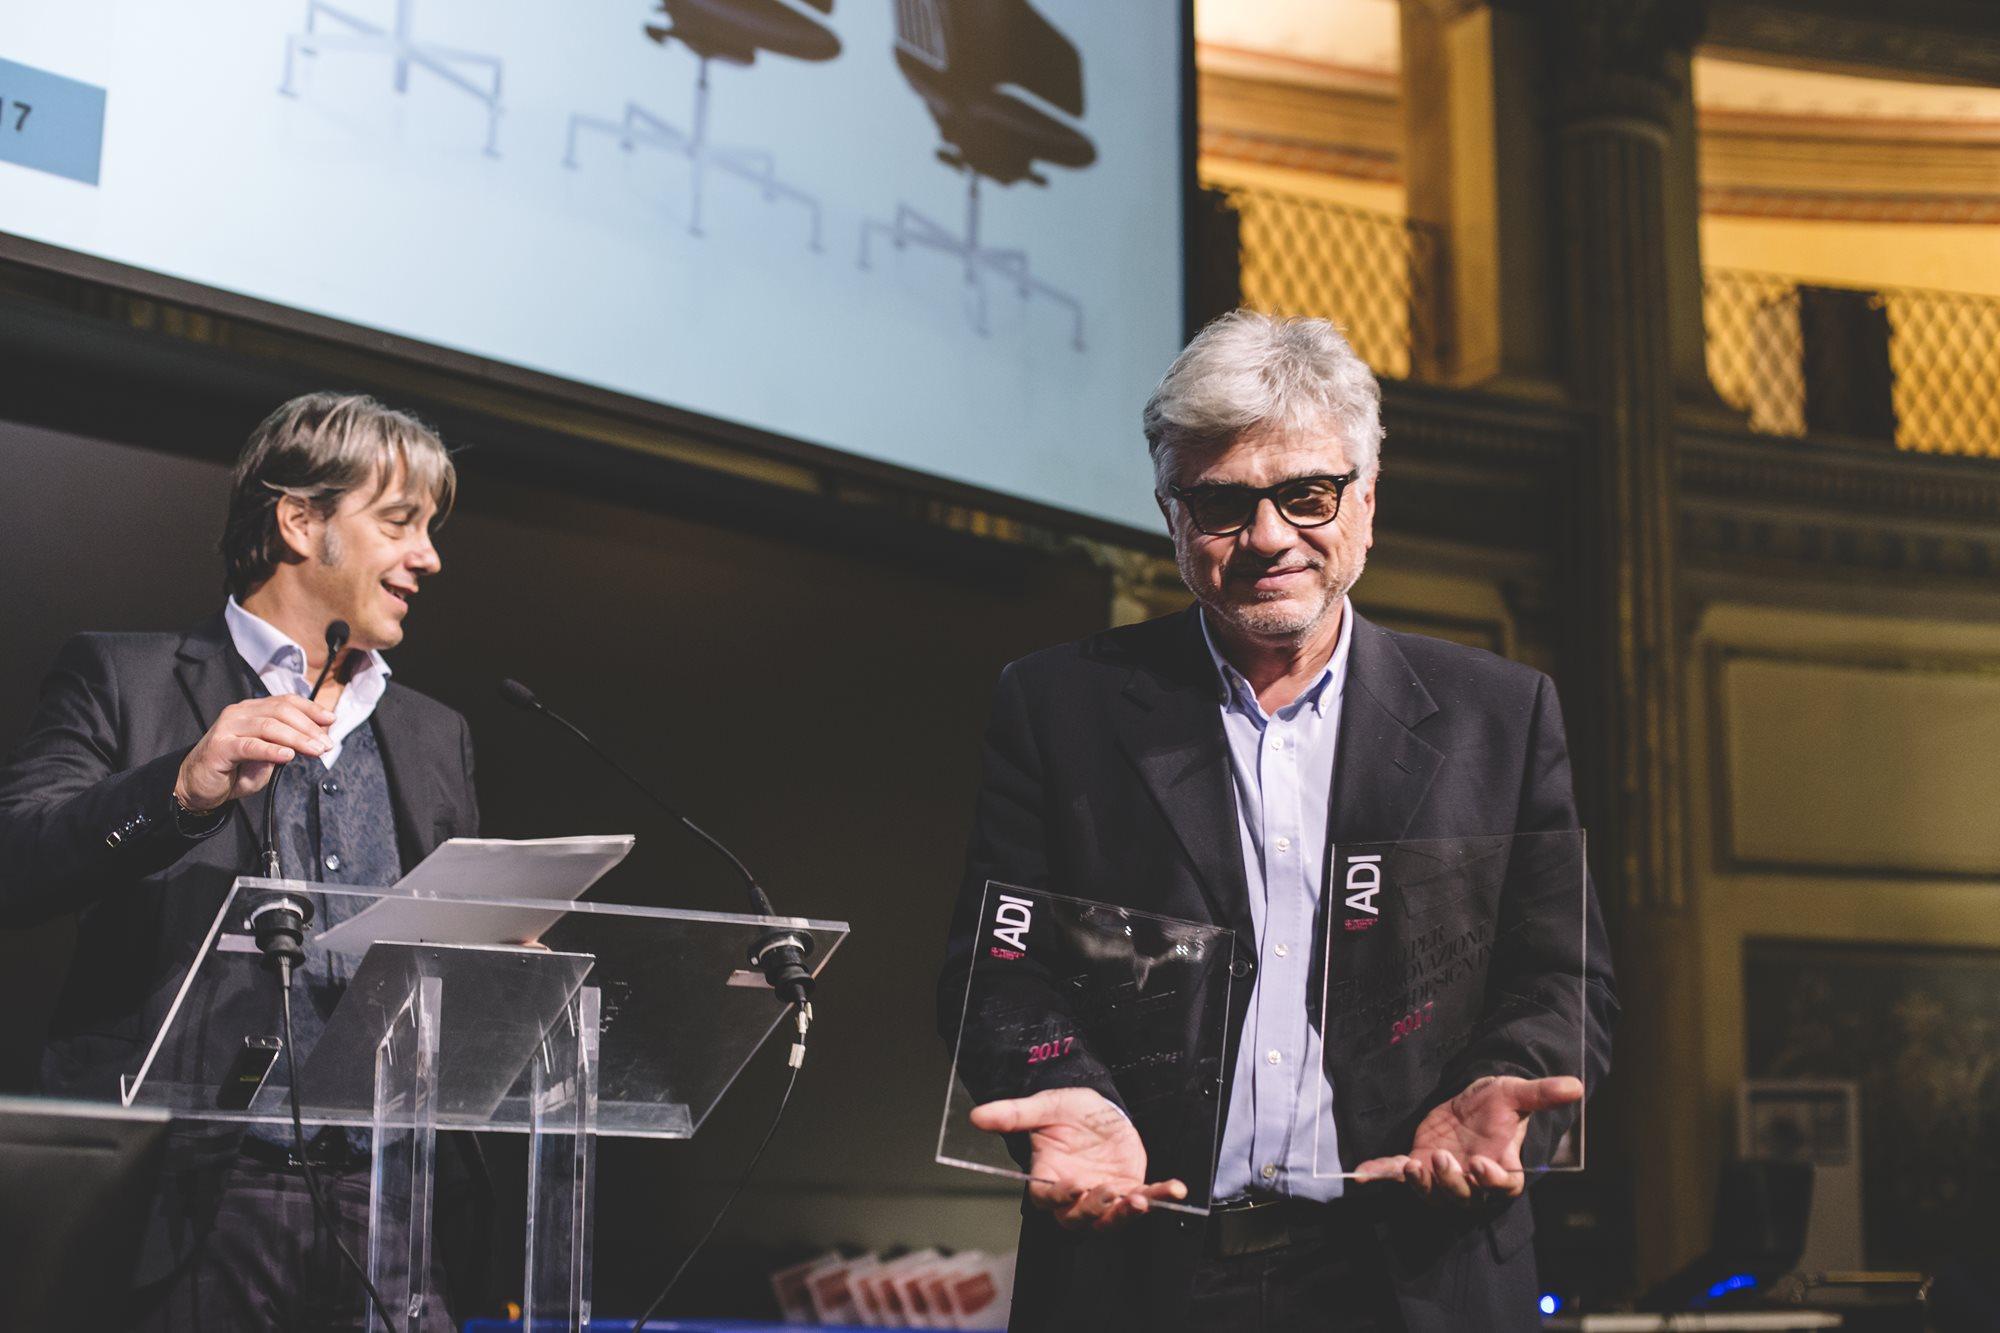 Neue Auszeichnungen für iGuzzini vom italienischen Verband für Industriedesign ADI